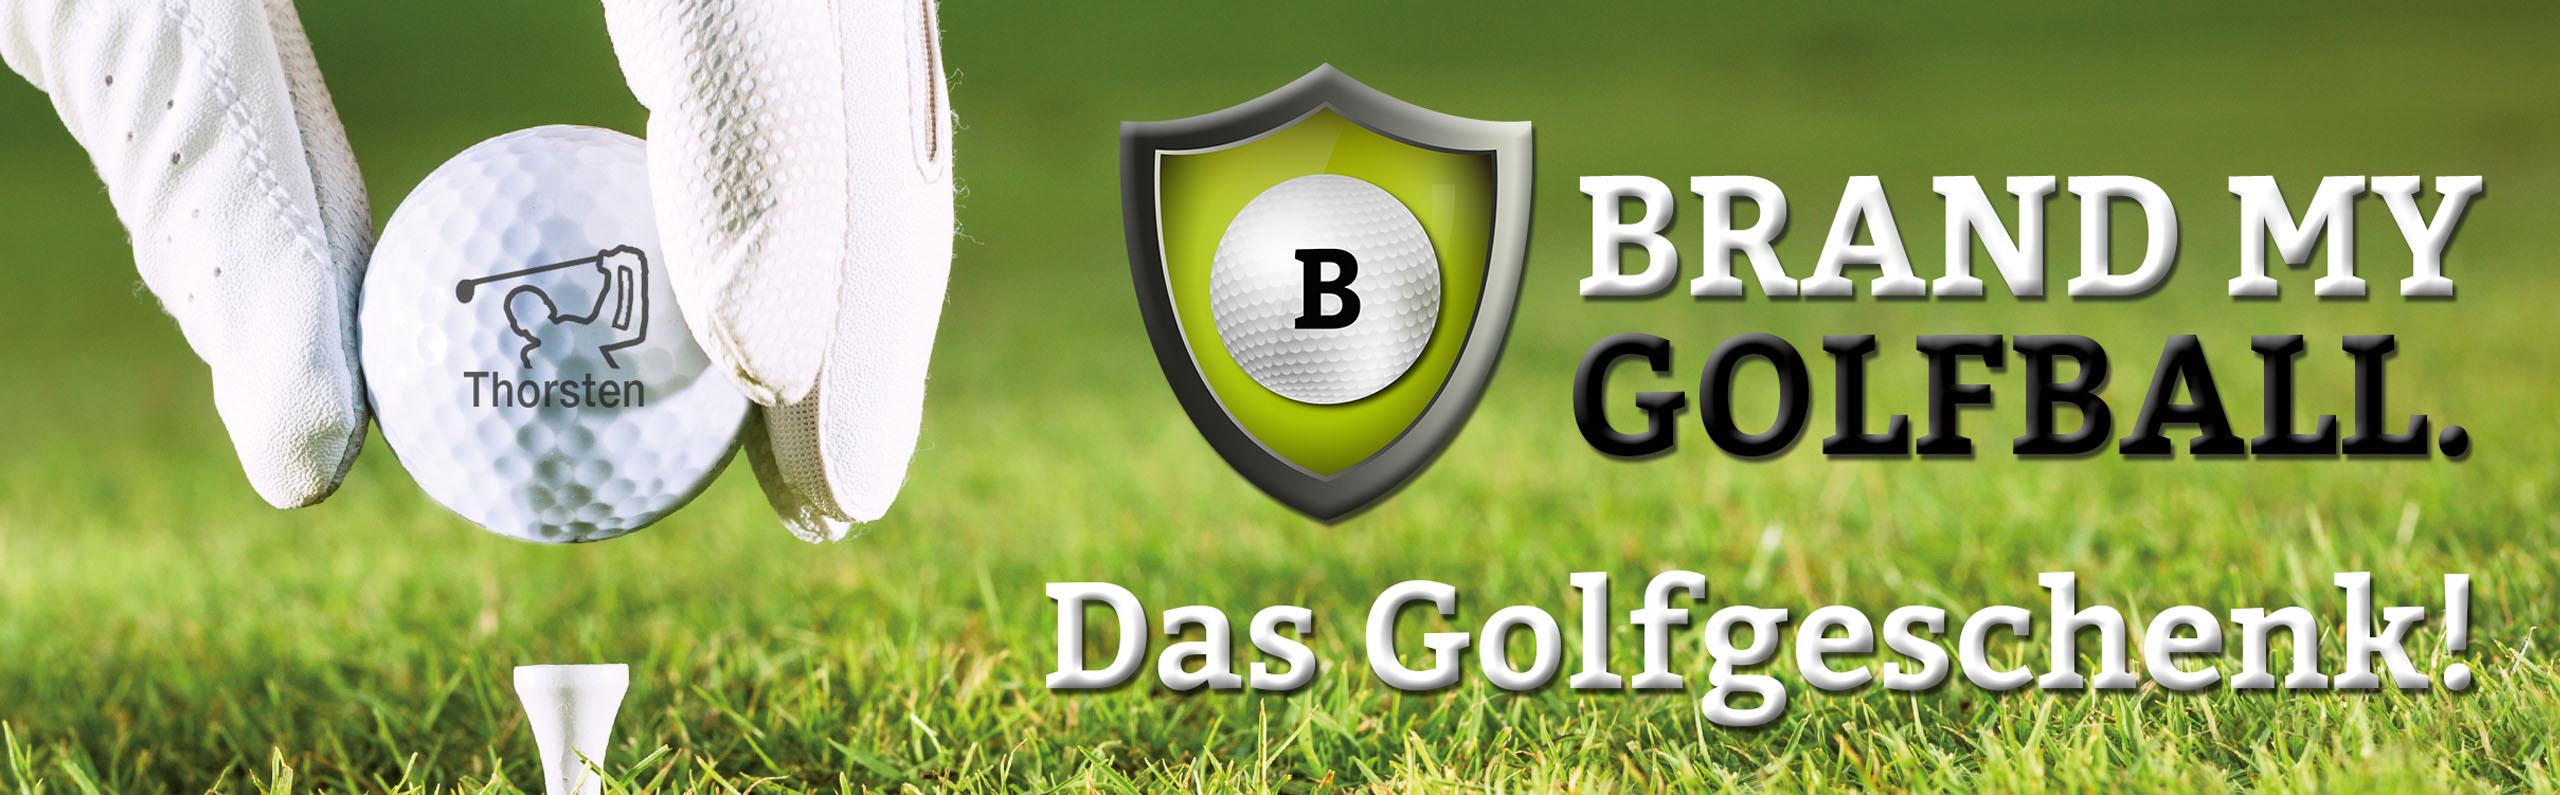 BrandmyGolgolfball - die Geschenkidee für jeden Golfer